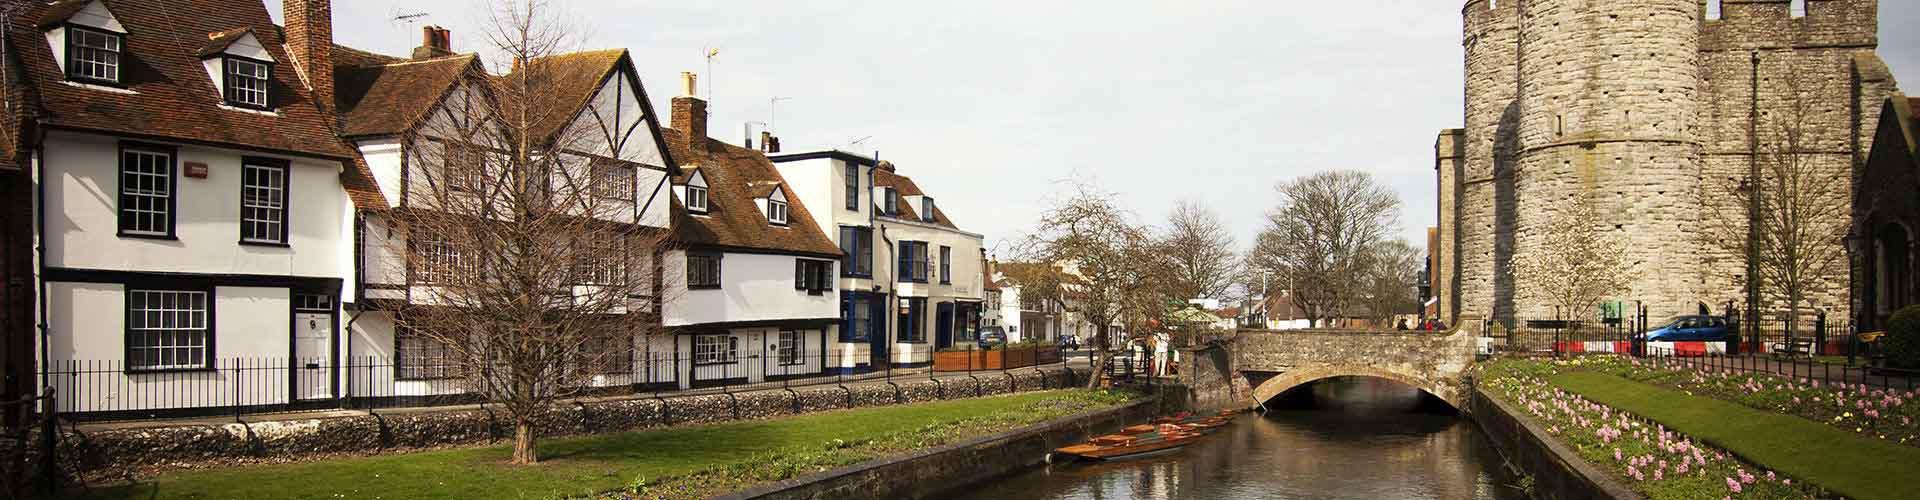 Canterbury - Szobák Canterbury. Canterbury térképek, fotók és ajánlások minden egyes Canterbury szobáról.